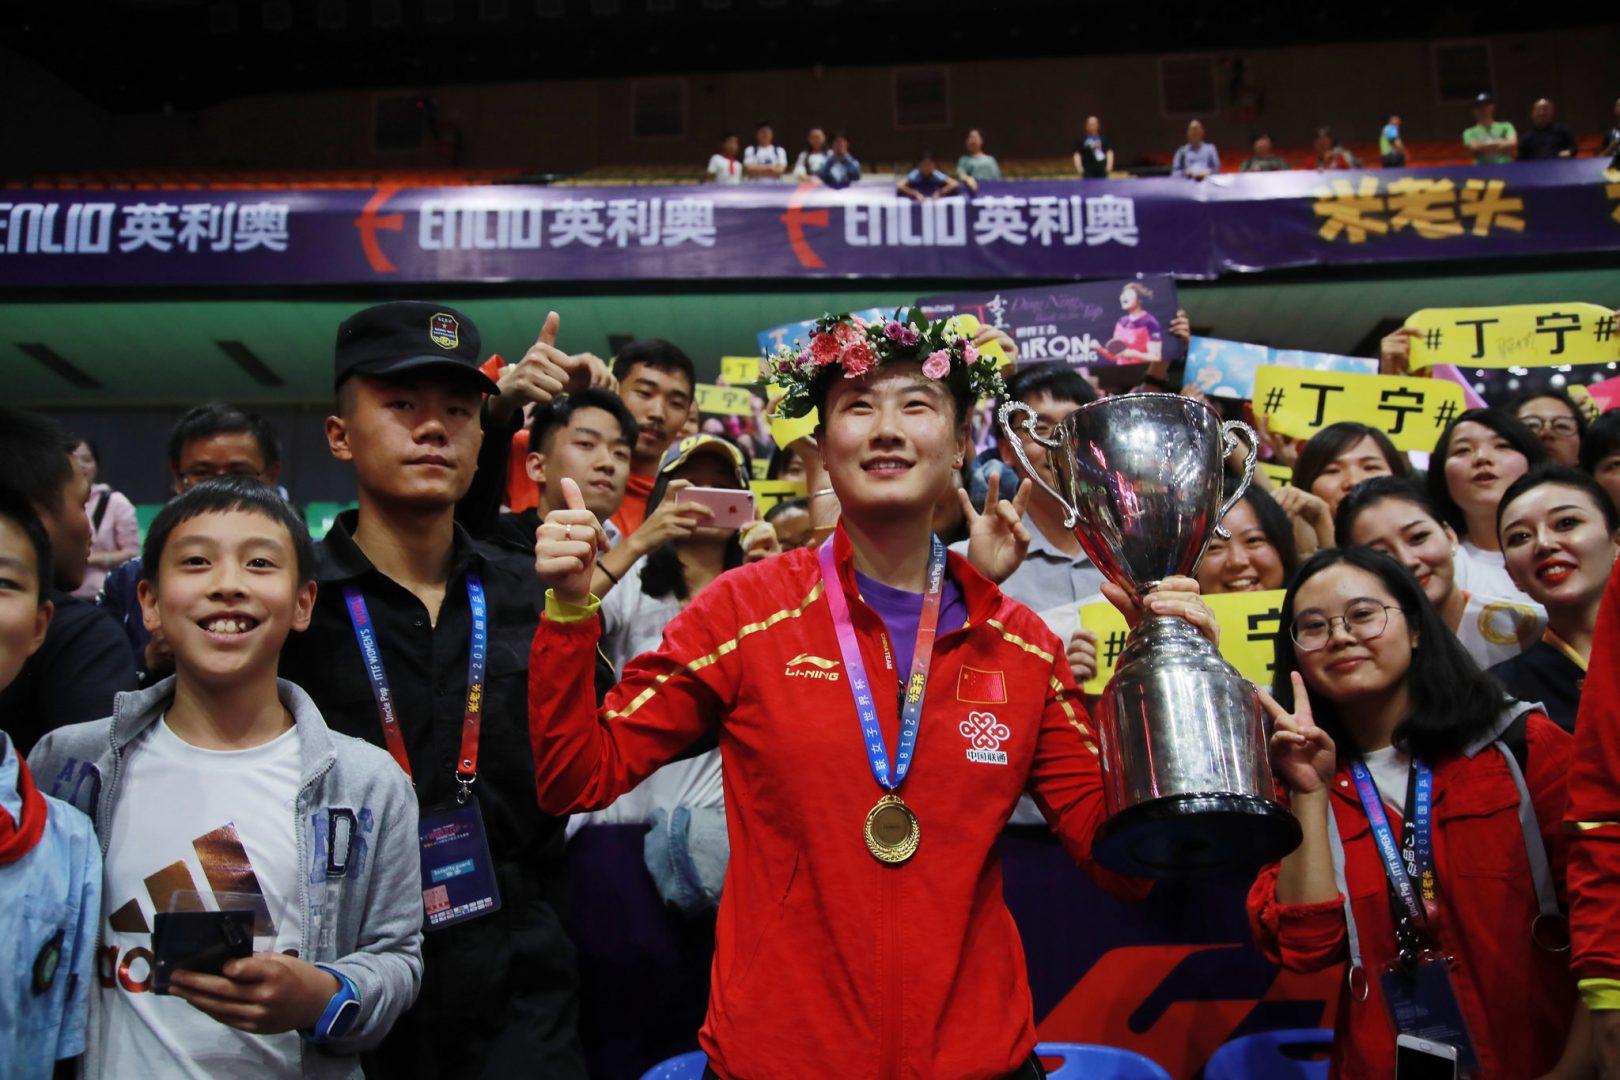 【卓球】丁寧が新ランキングシステムで最高の2位|女子世界ランキング(10月最新発表)